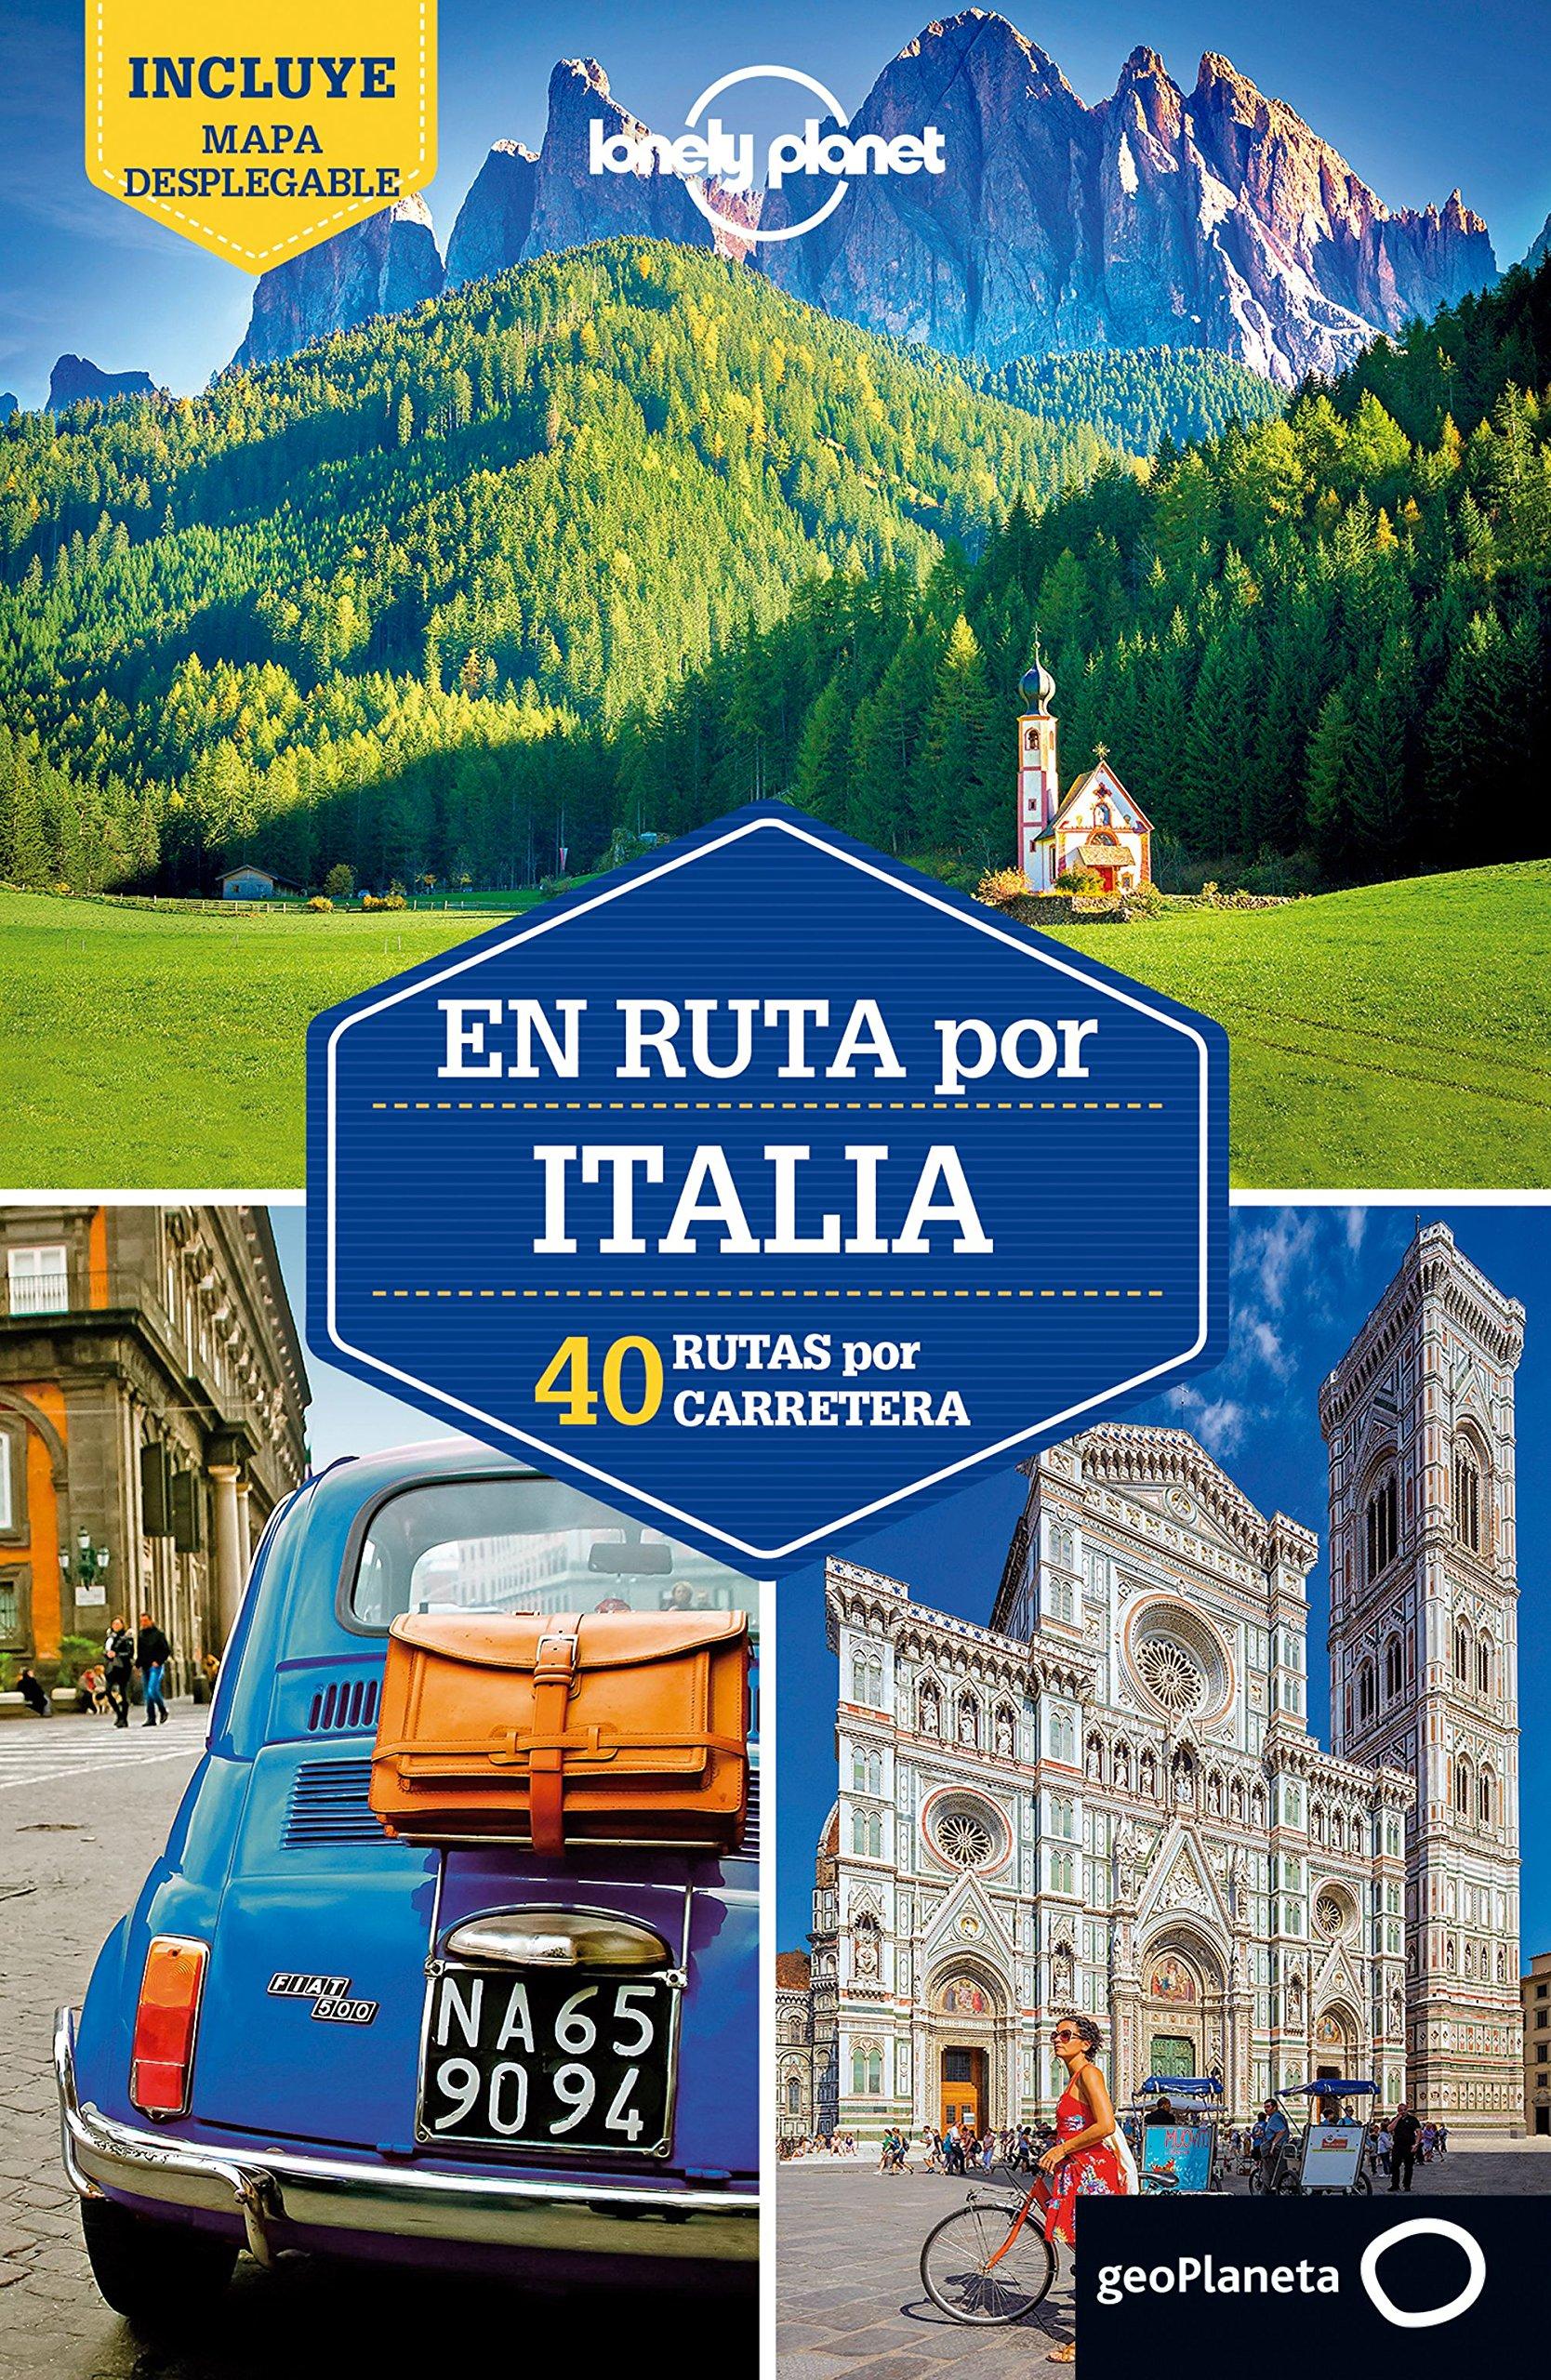 En ruta por Italia 2: 40 Rutas por carretera Guías En ruta Lonely Planet: Amazon.es: Garwood, Duncan, Hardy, Paula, García García, Jorge, Gras Cardona, Ton: Libros